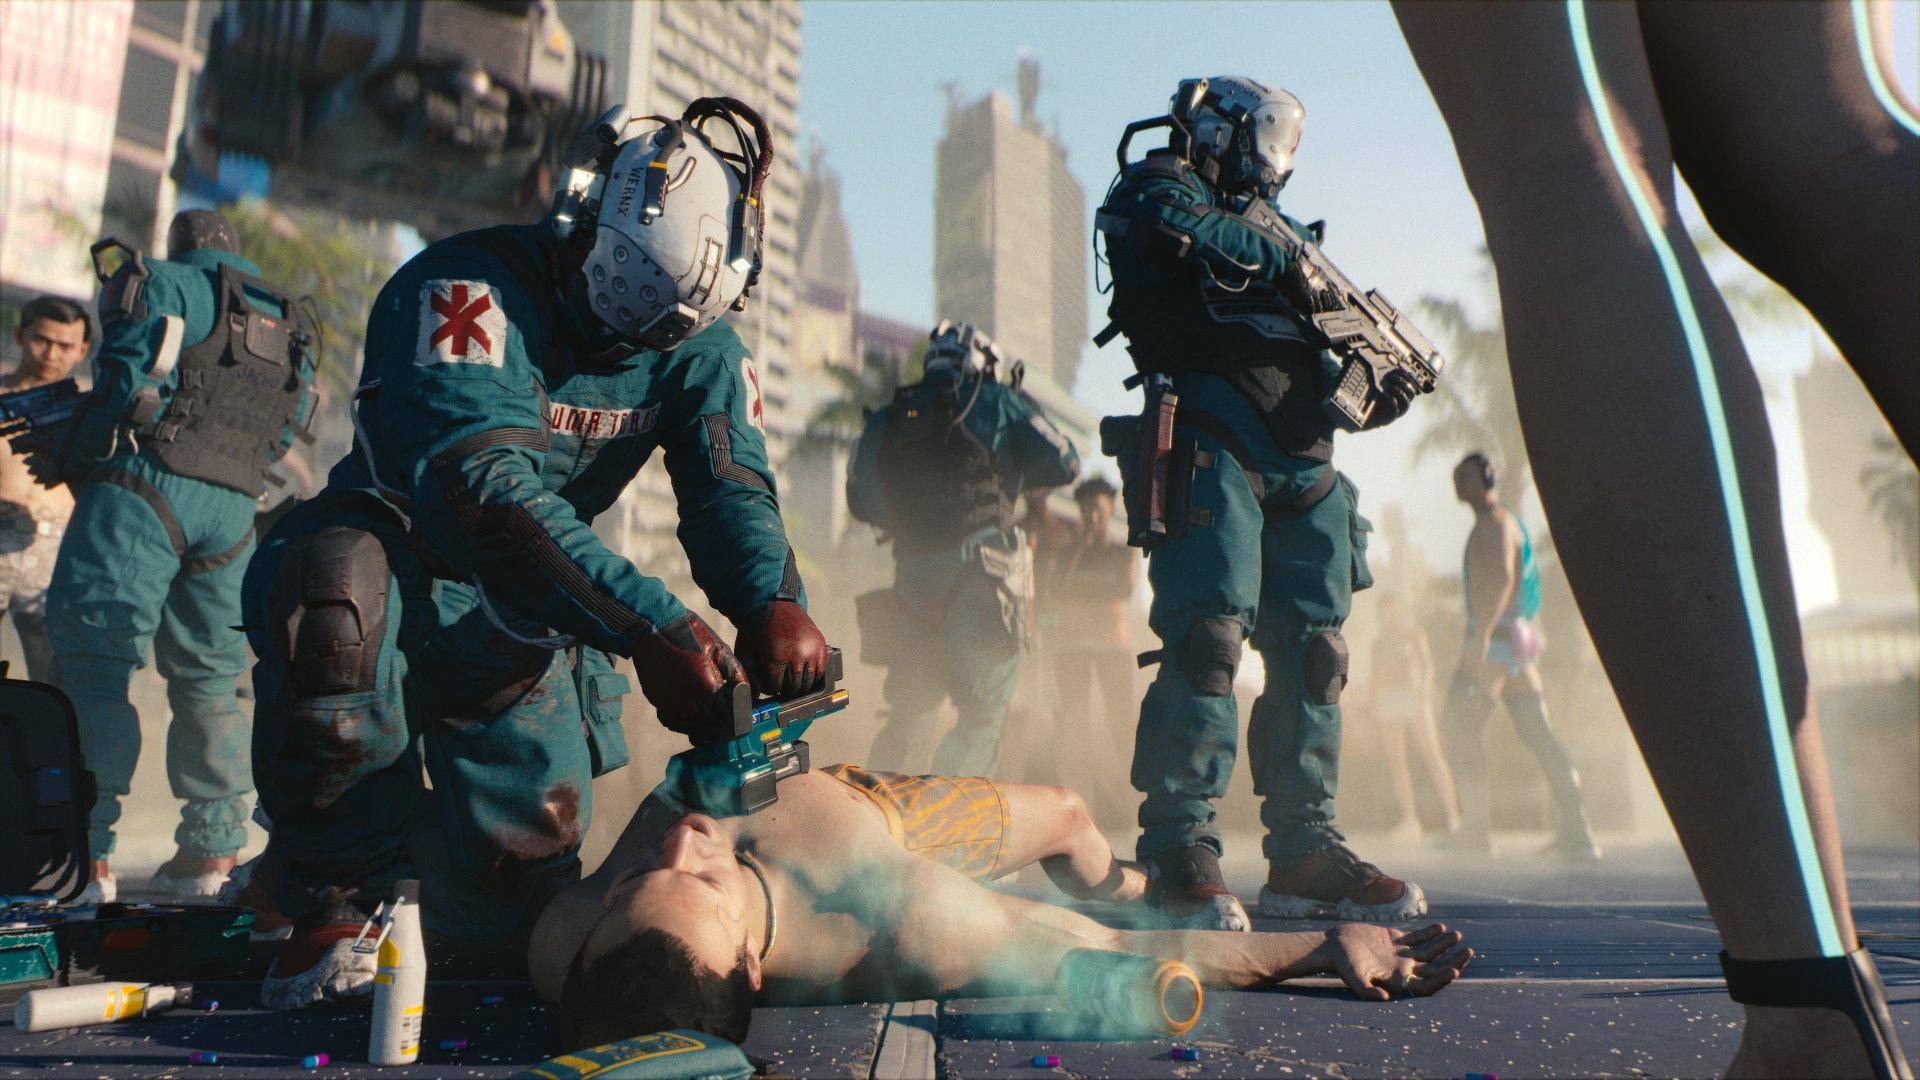 СМИ: глава CDPR взял на себя ответственность за состояние Cyberpunk 2077 на старте